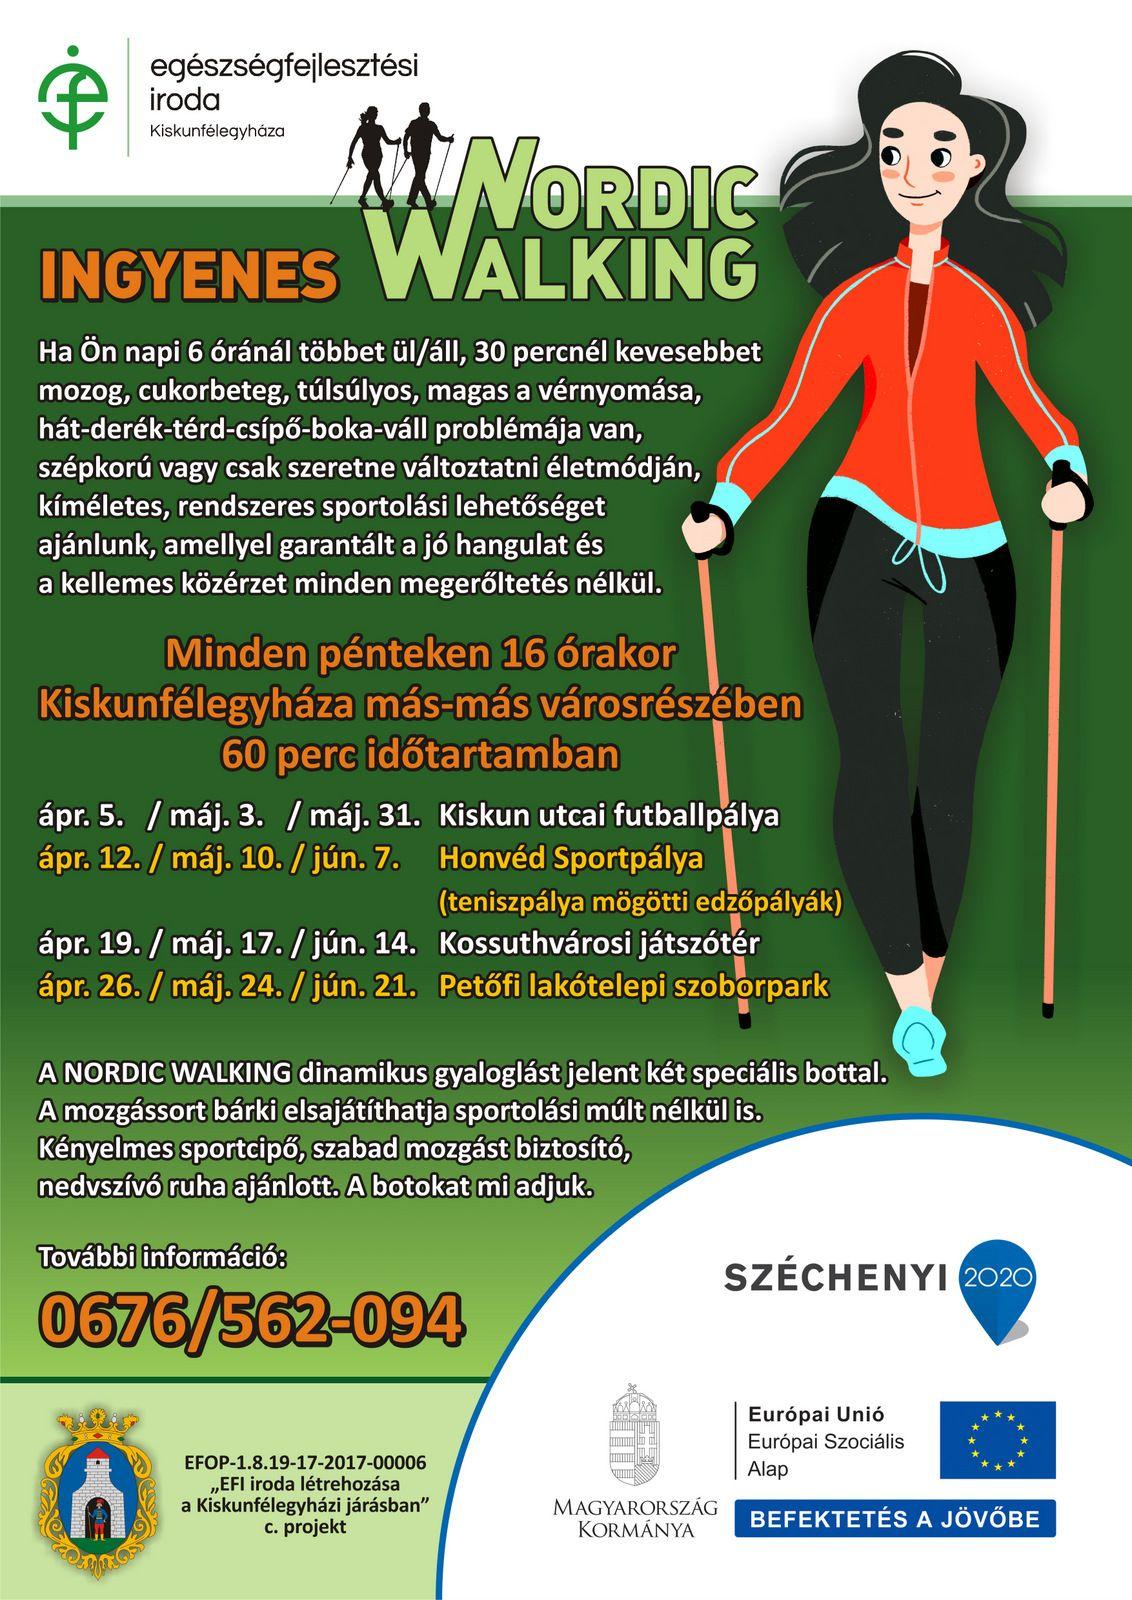 magas vérnyomás nordic walking a magas vérnyomás elleni gyógyszerek áttekintése